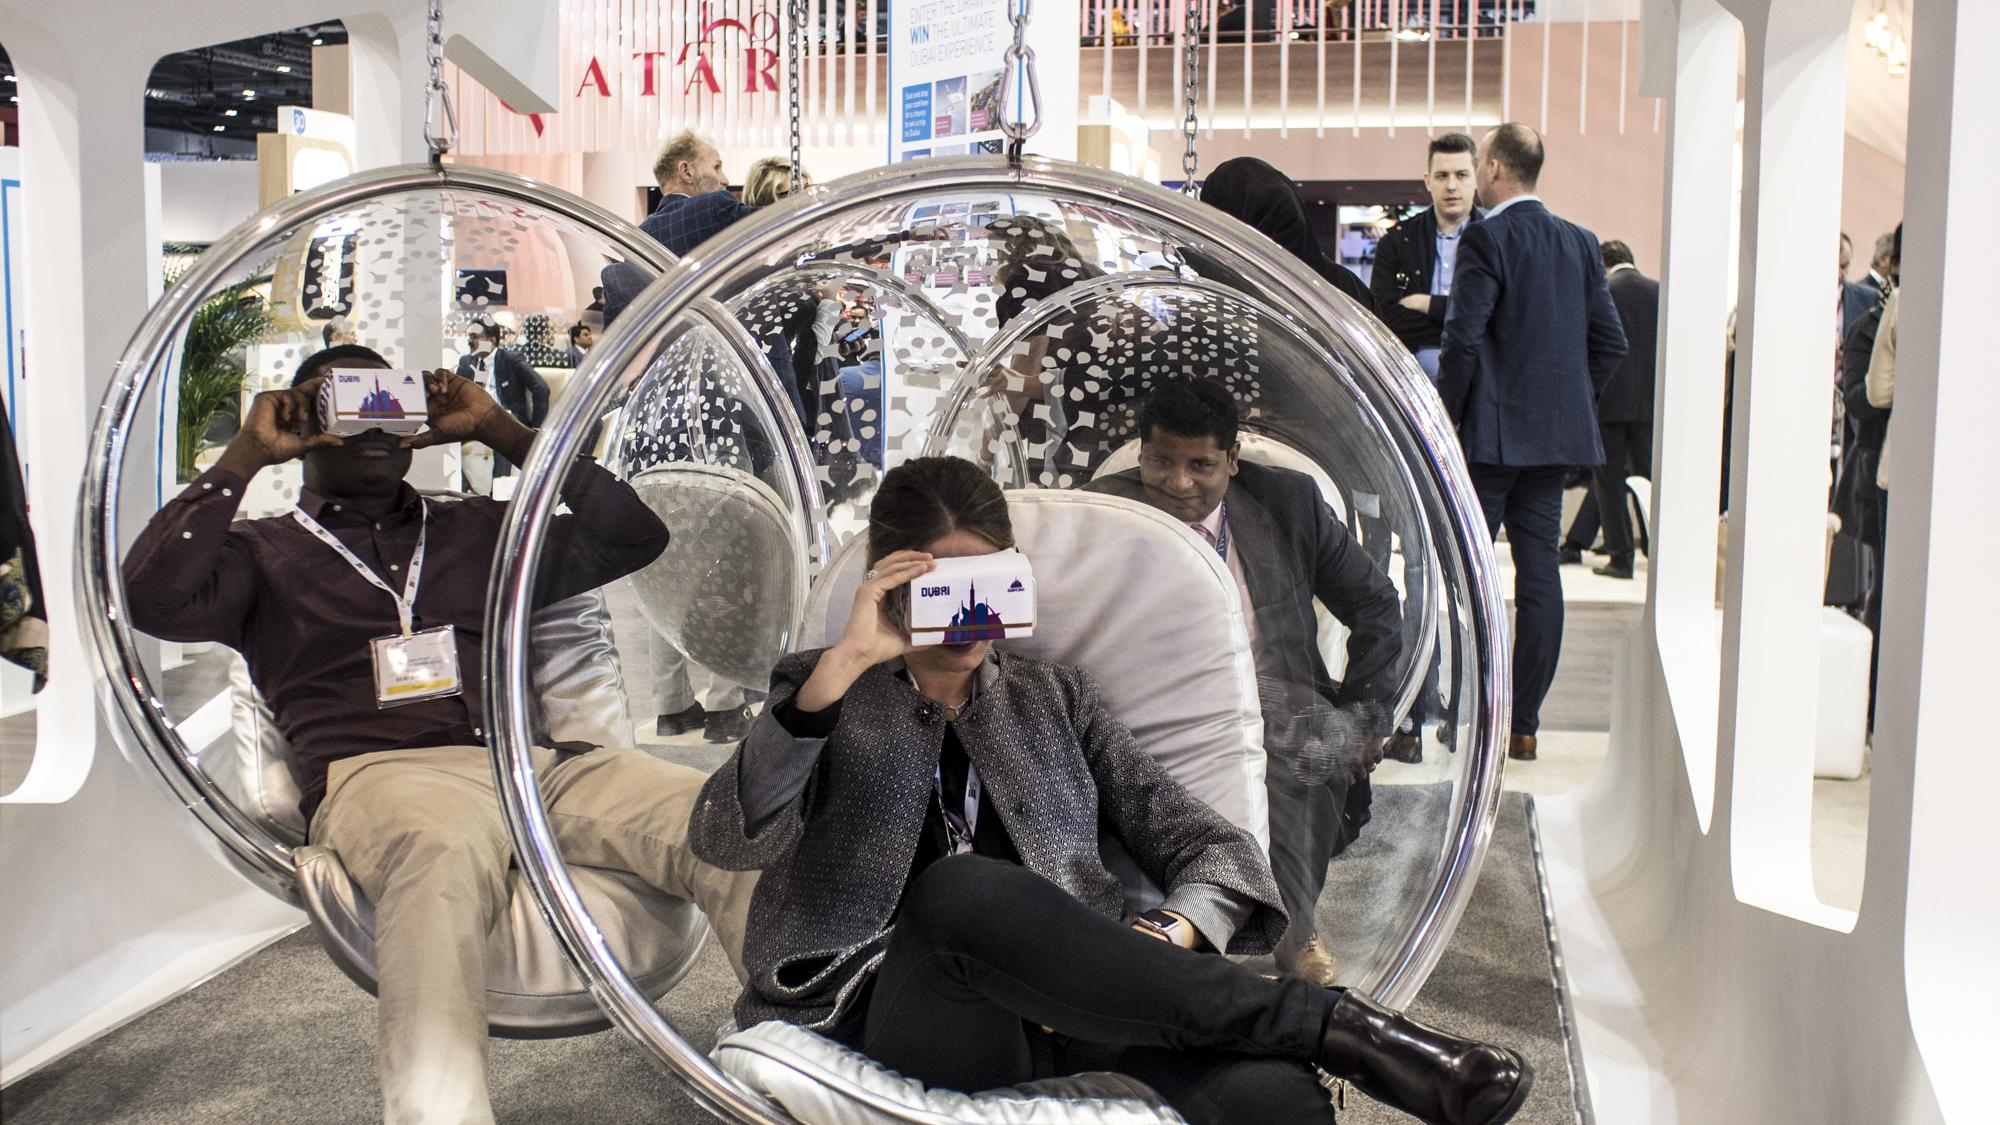 Personas probando la realidad virtual del stand de Dubai en World Travel Market